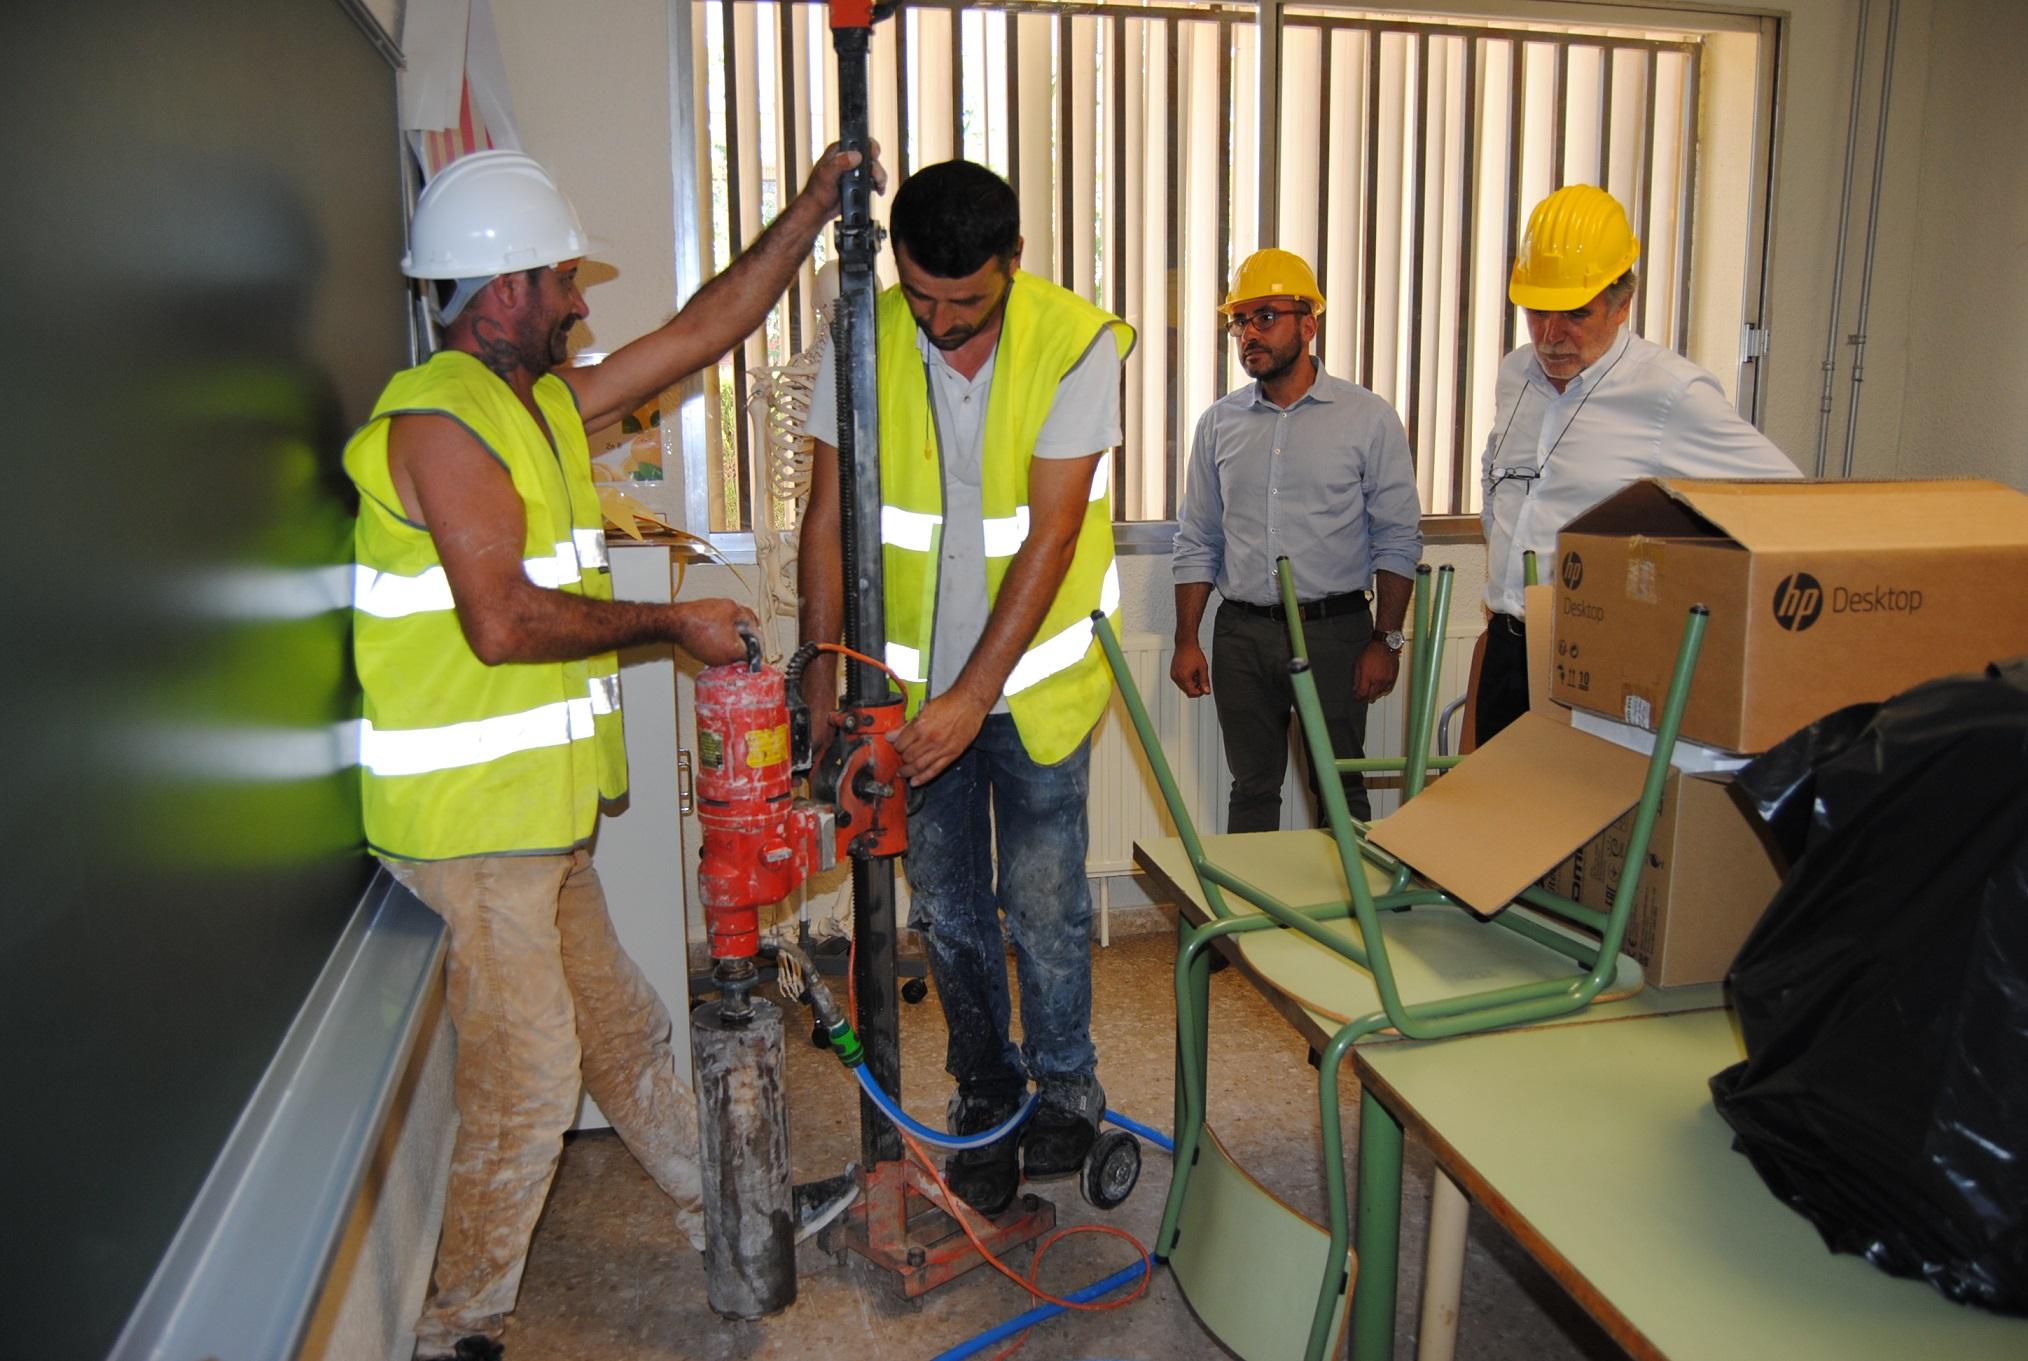 Actúan de emergencia en el colegio Escultor Ortells tras detectar de cemento aluminoso en el colegio.